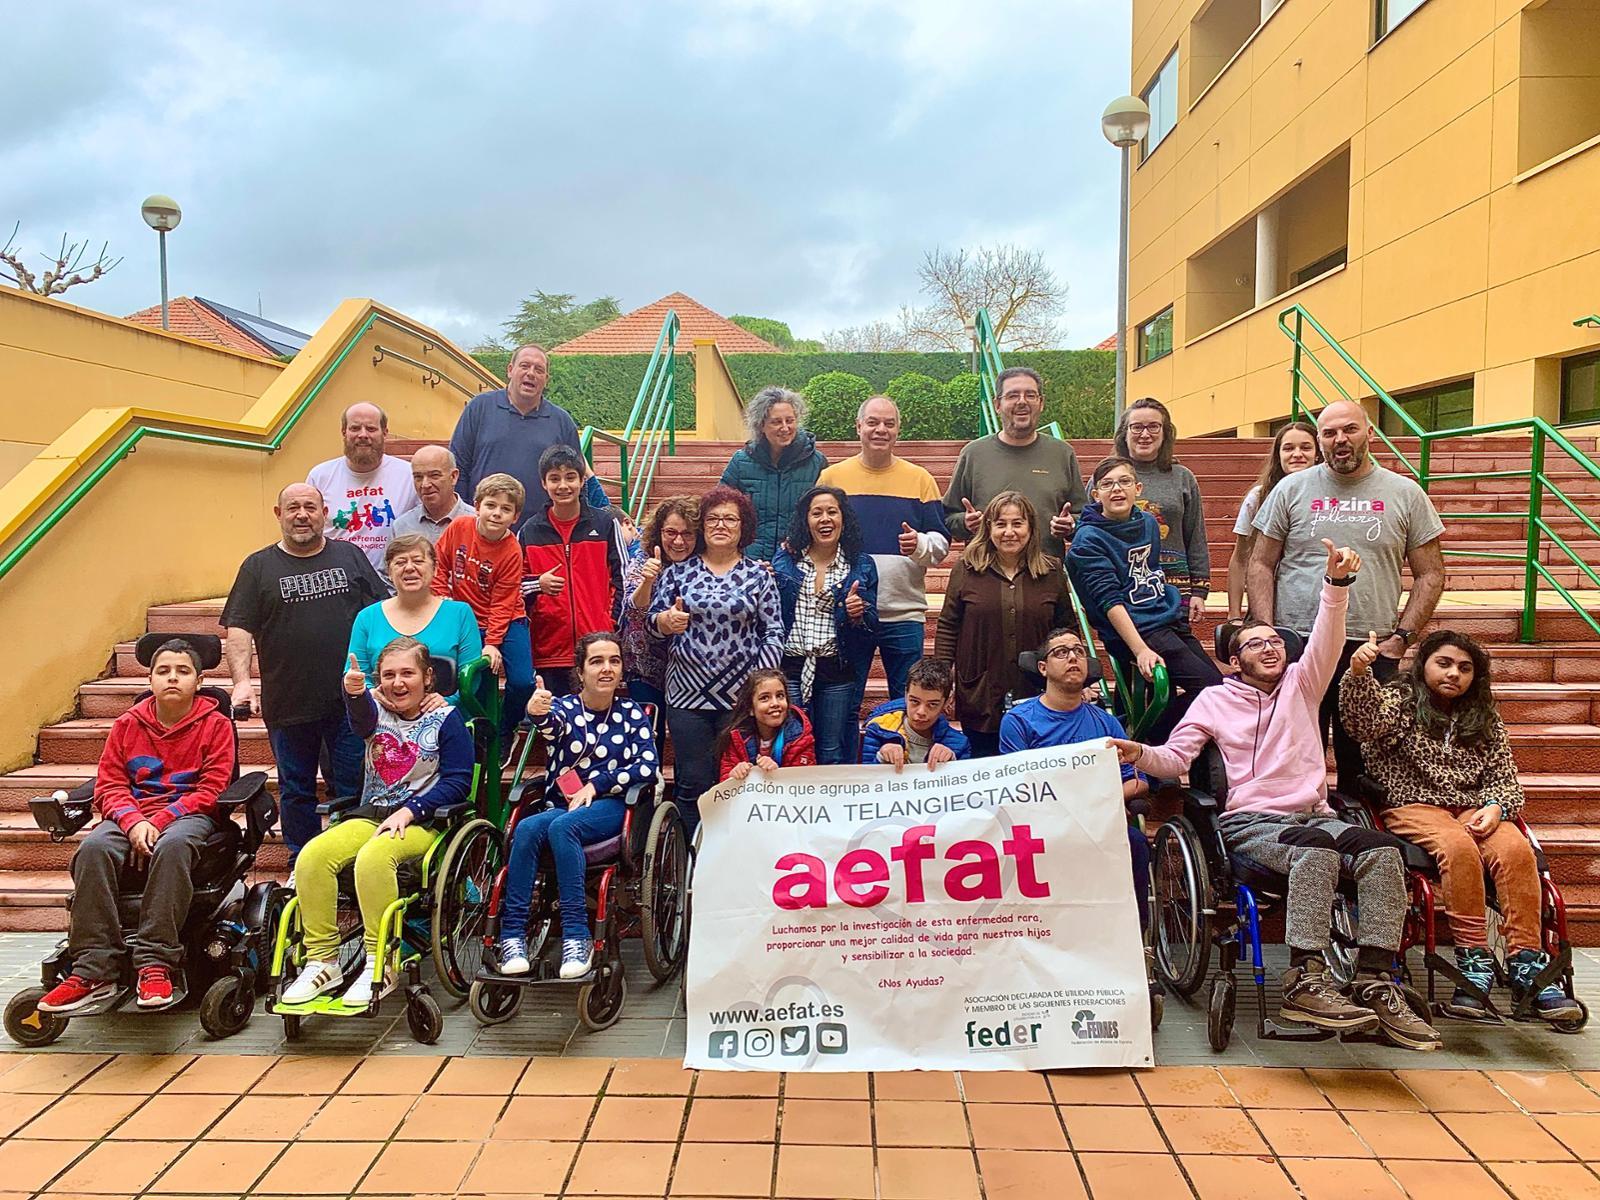 AEFAT - ataxia telangiectasia